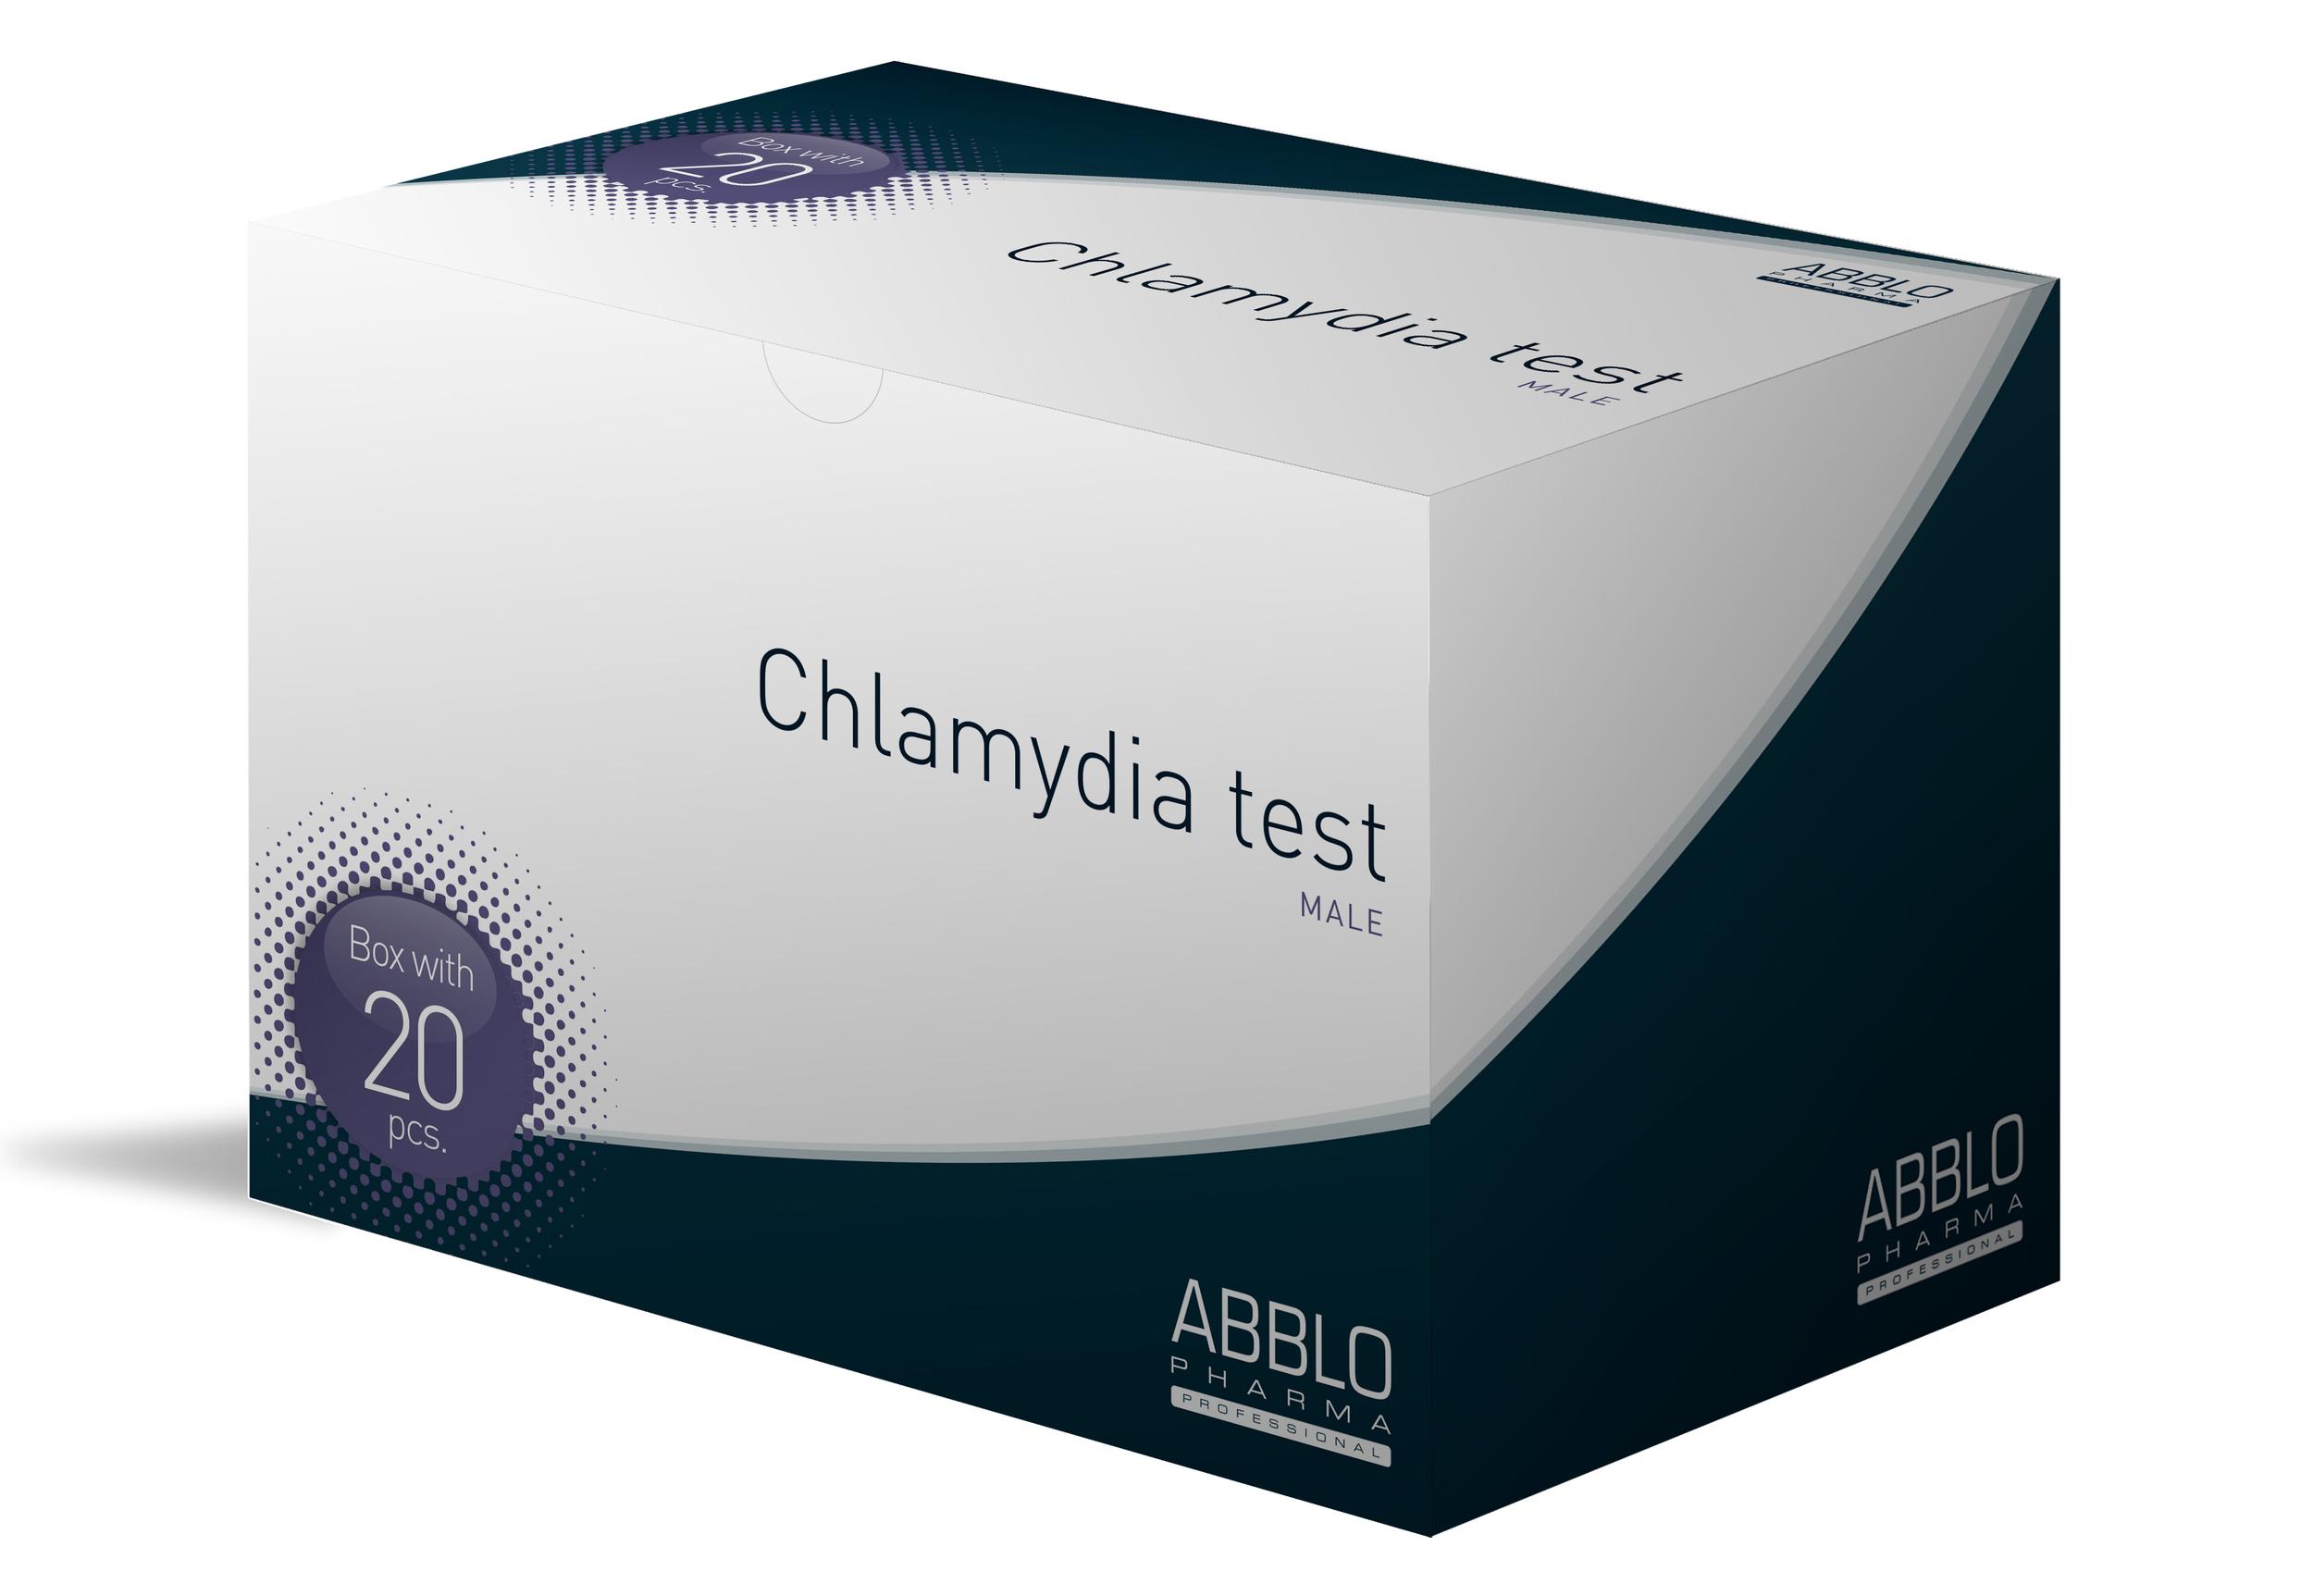 ABBLO_Pharma_Professionals_Male_Chlamydia